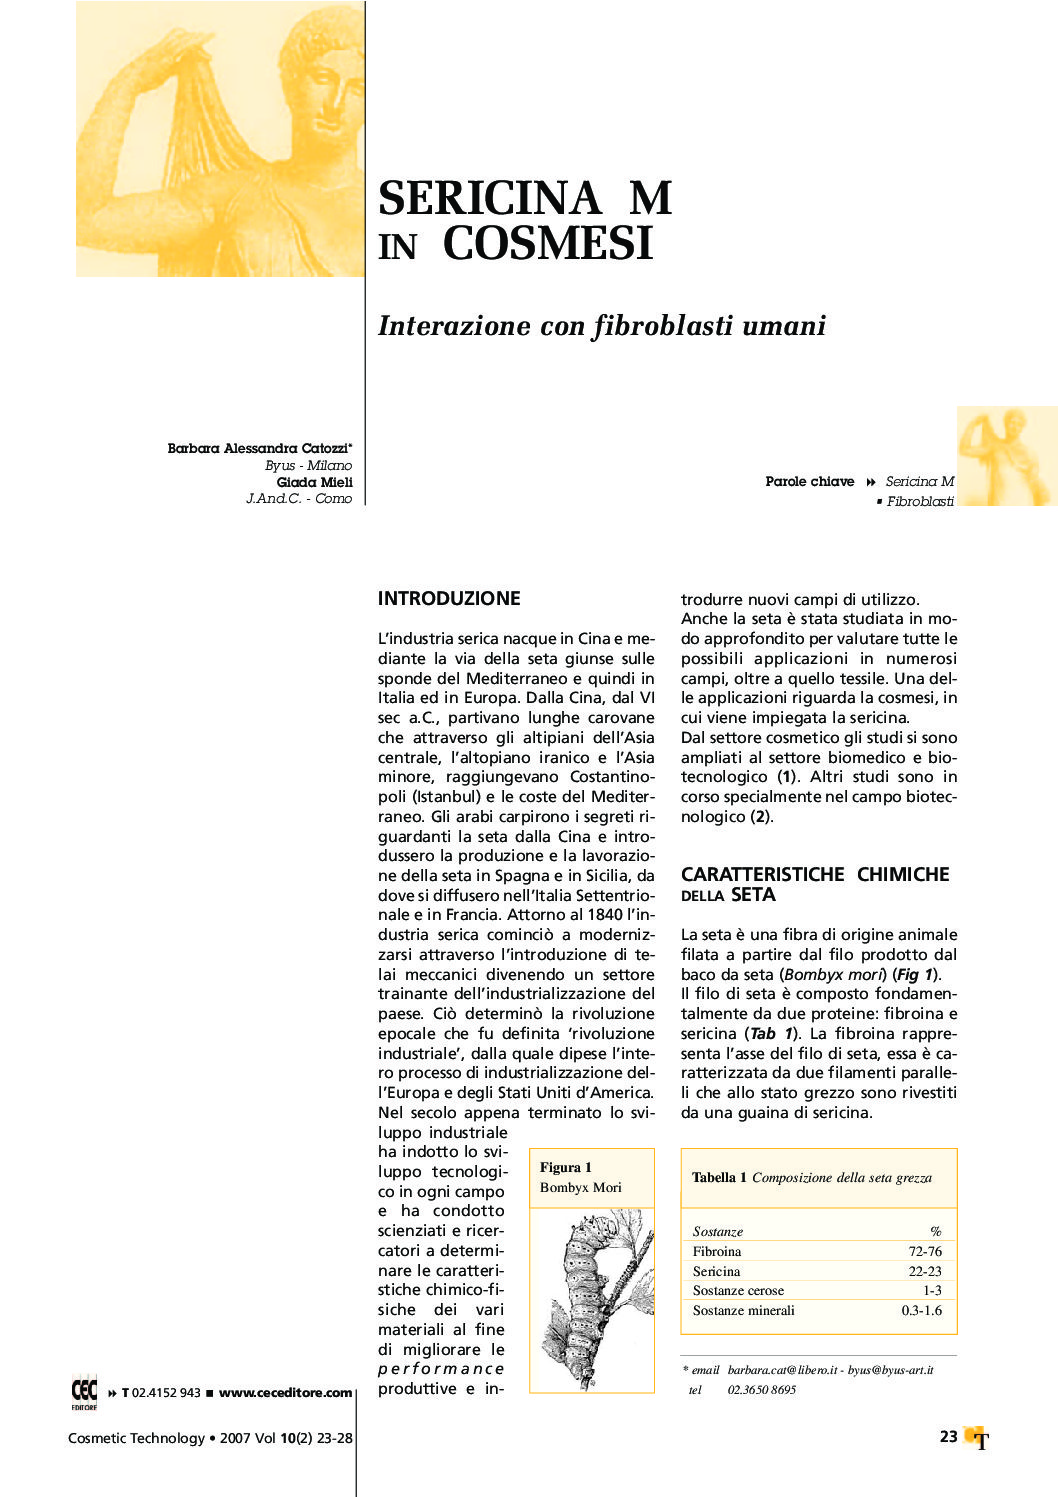 Sericina M in cosmesi, interazione con fibroblasti umani